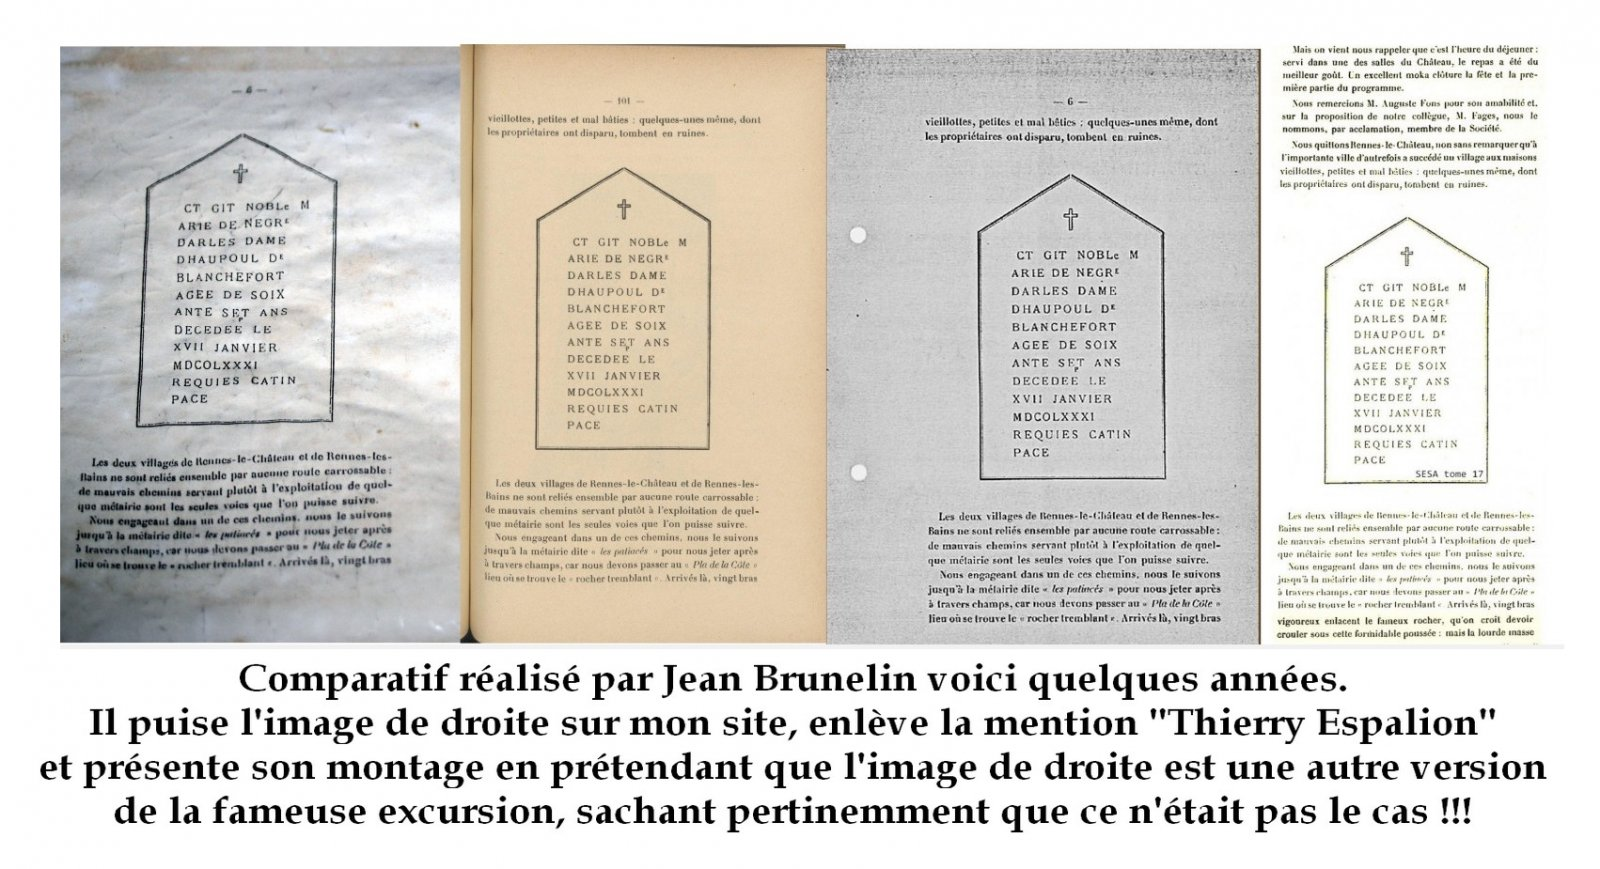 Montage entubage Jean Brunelin